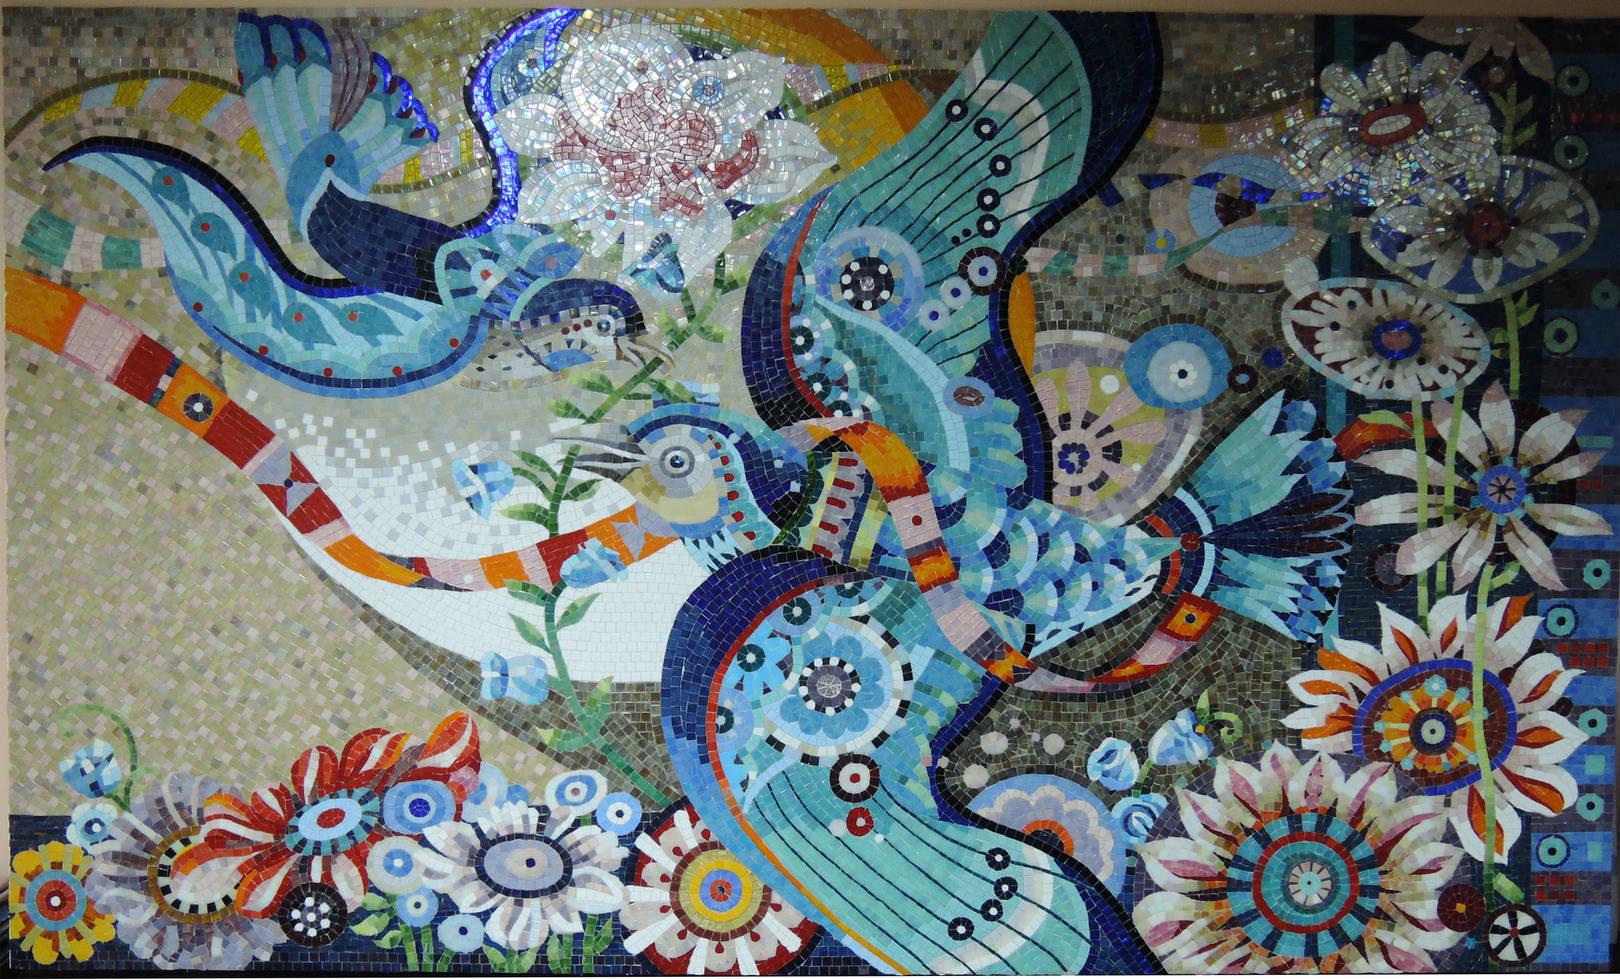 Панно  «Птицы» выполнено по эскизам американского иллюстратора David Galchutt (2000мм Х  1500 мм)  В панно использовалась стеклянная мозаика  ART&NATURA , ARHITEZA , ALMA ,ROSE ,BISZZA . Благодаря сочетанию разных брендов стеклянной мозаики в панно получалась яркая выразительная работа, разнофактурность мозаики подчеркивает оригинальность картины.